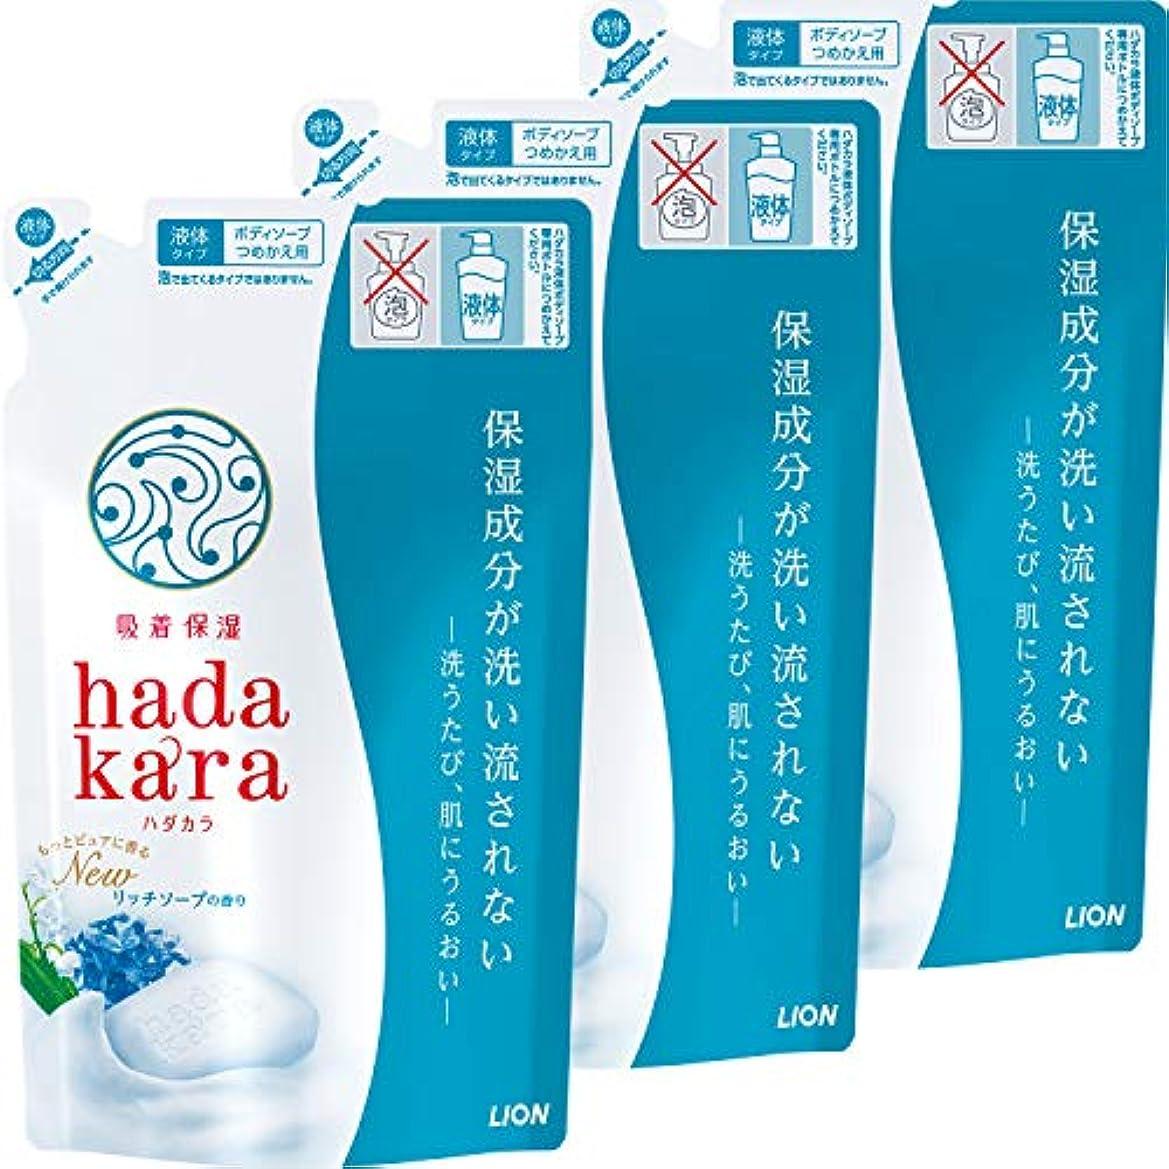 協定ペルー離れたhadakara(ハダカラ) ボディソープ リッチソープの香り つめかえ360ml×3個 詰替え用